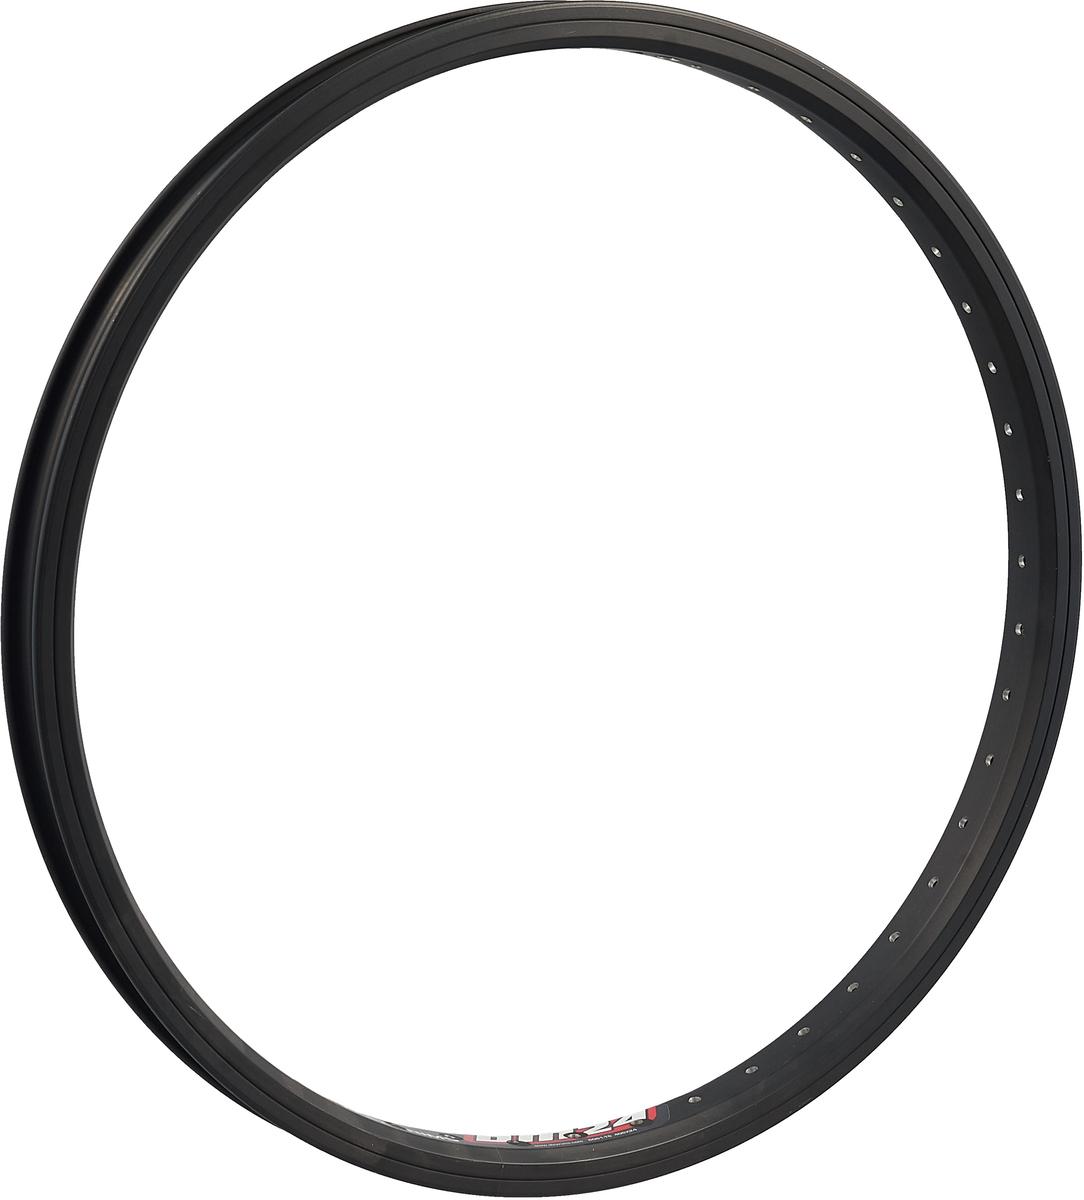 Обод двойной для BMX Alex Rims DМ-24, диаметр 20 4pcs alloy rims